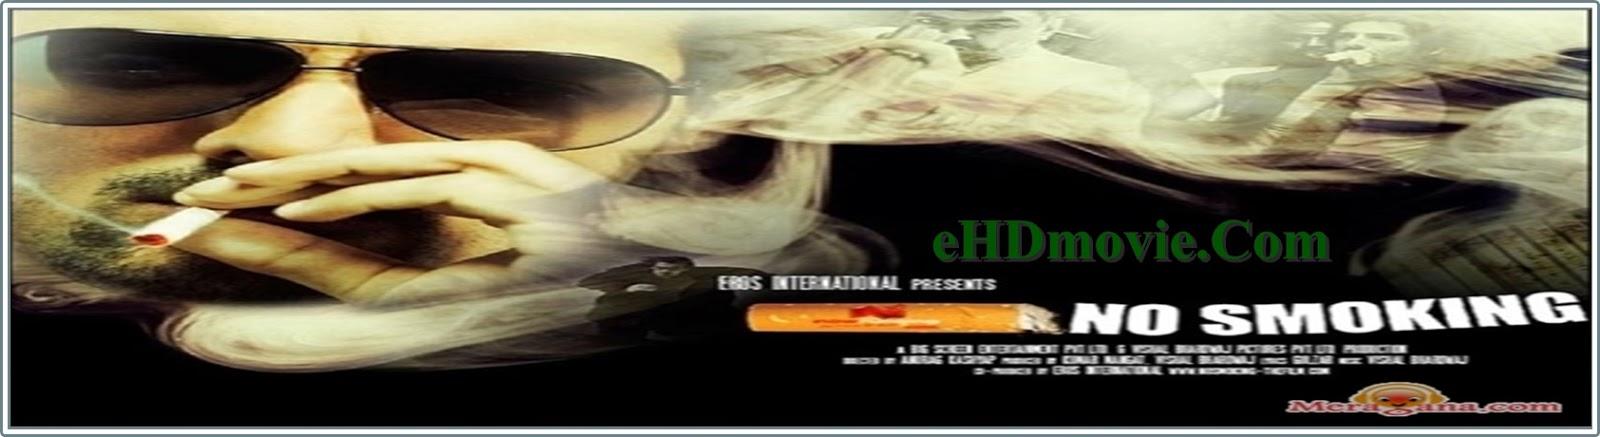 No Smoking 2007 Full Movie Hindi 720p - 480p ORG BRRip 350MB - 900MB ESubs Free Download